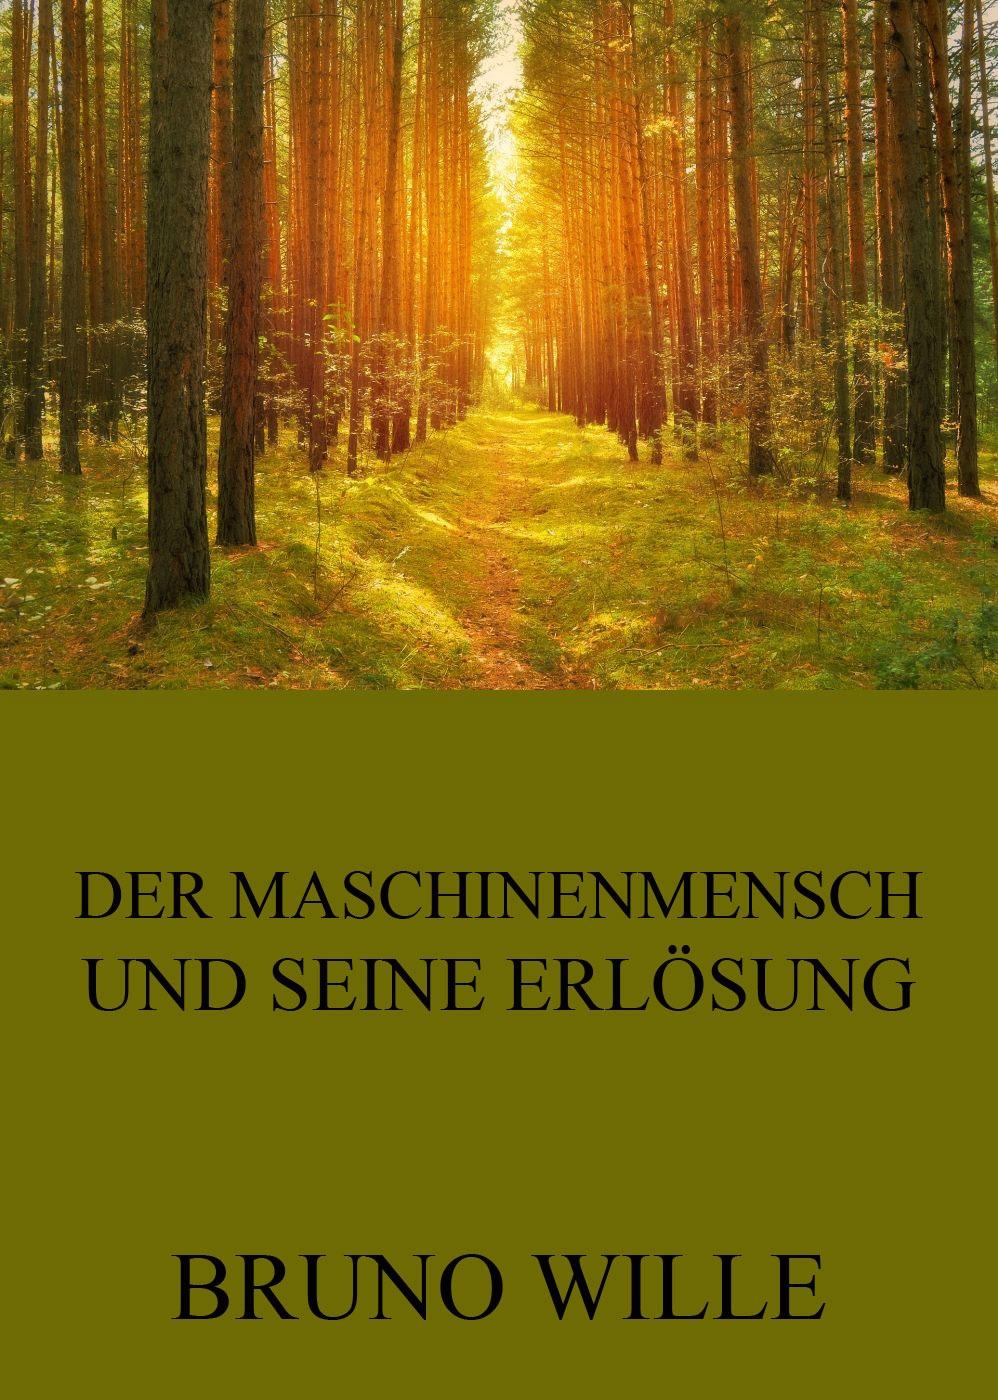 Bruno Wille Der Maschinenmensch und seine Erlösung bruno wille der glasberg roman einer jugend die hinauf wollte band 1